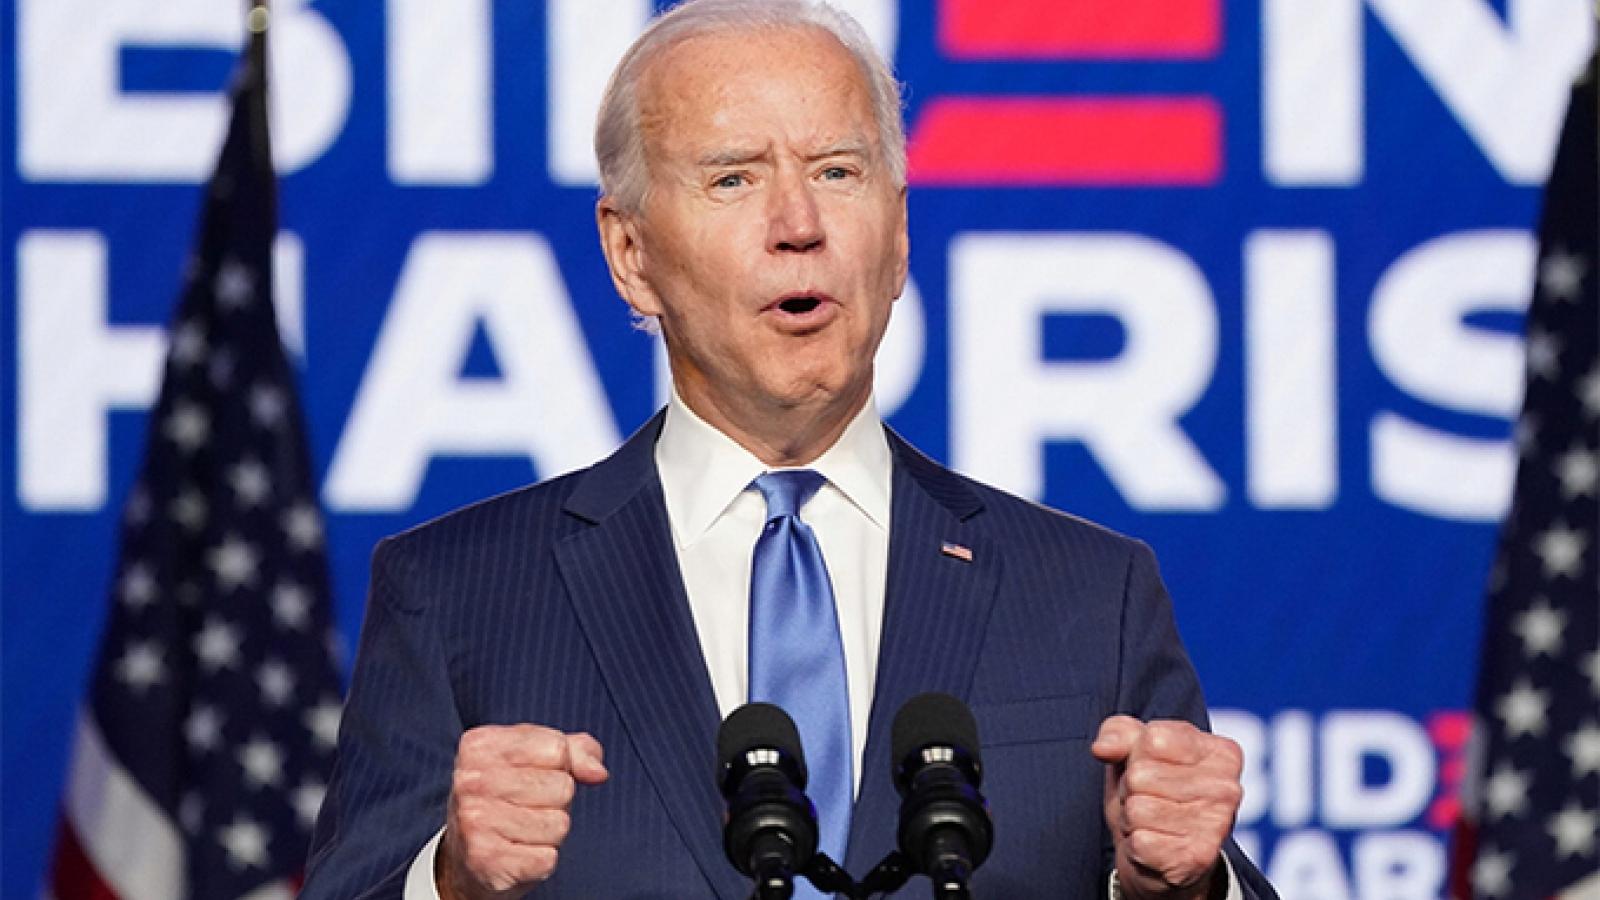 Truyền thông Mỹ: ông Biden đã thắng trong cuộc bầu cử Tổng thống Mỹ